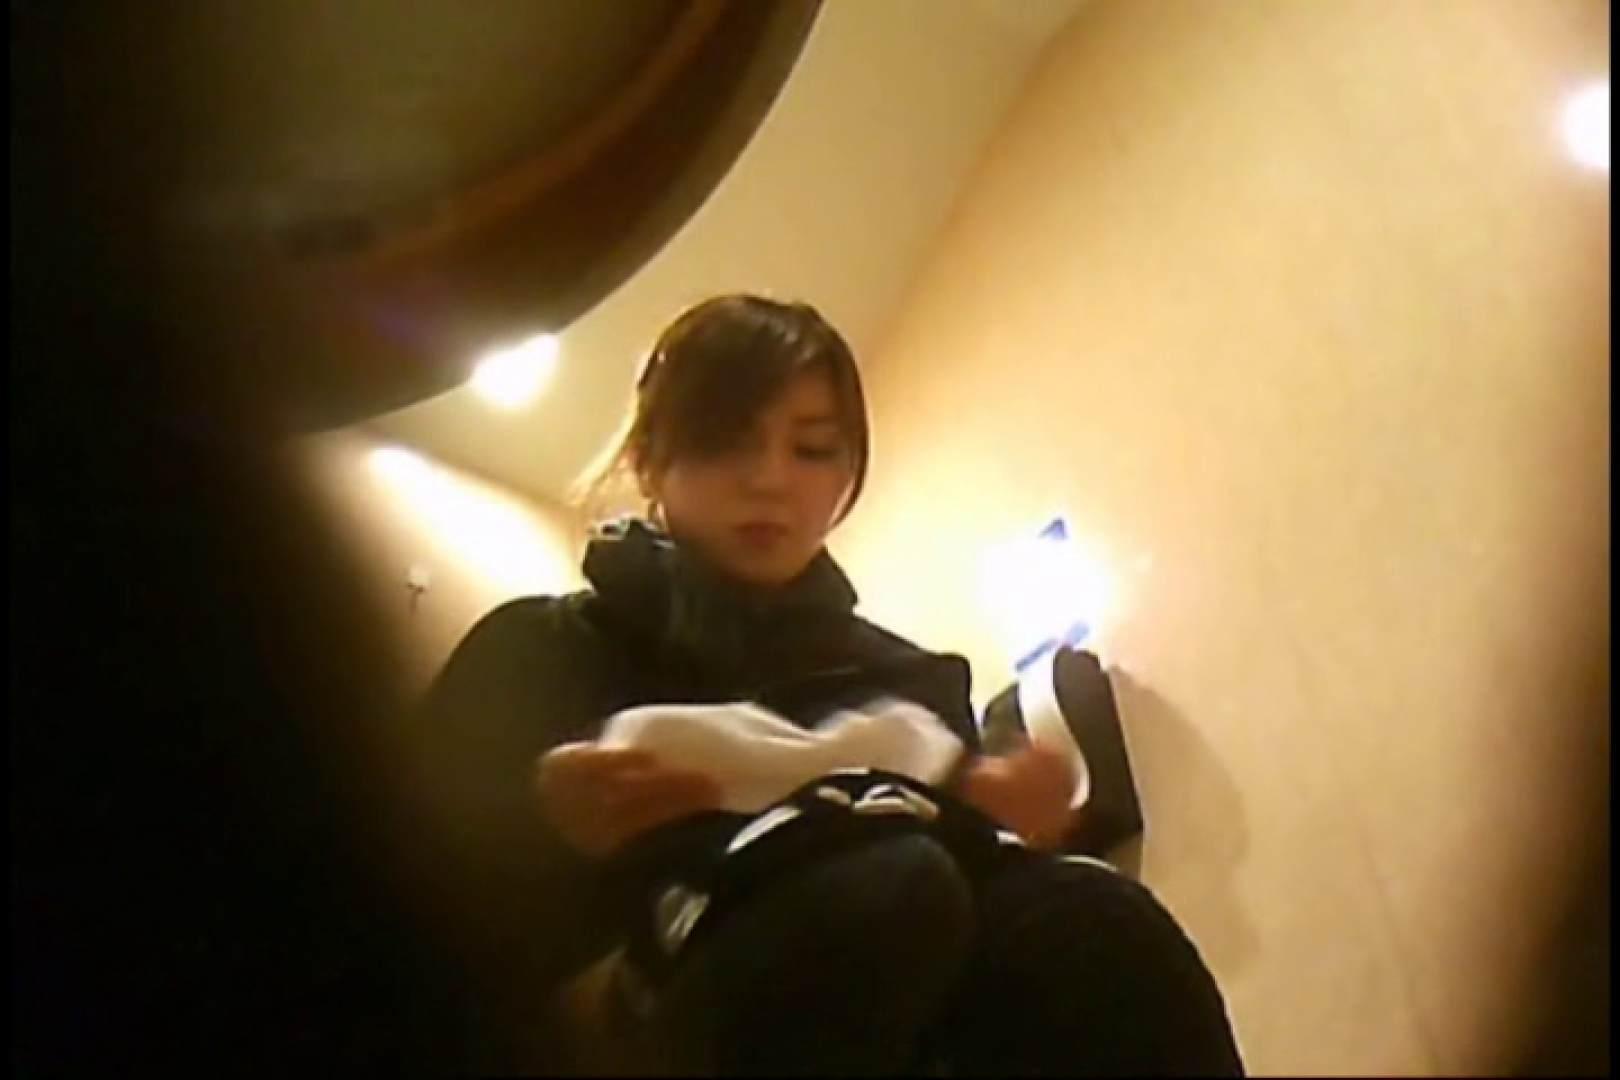 画質向上!新亀さん厠 vol.18 マンコエロすぎ オマンコ動画キャプチャ 89PIX 43